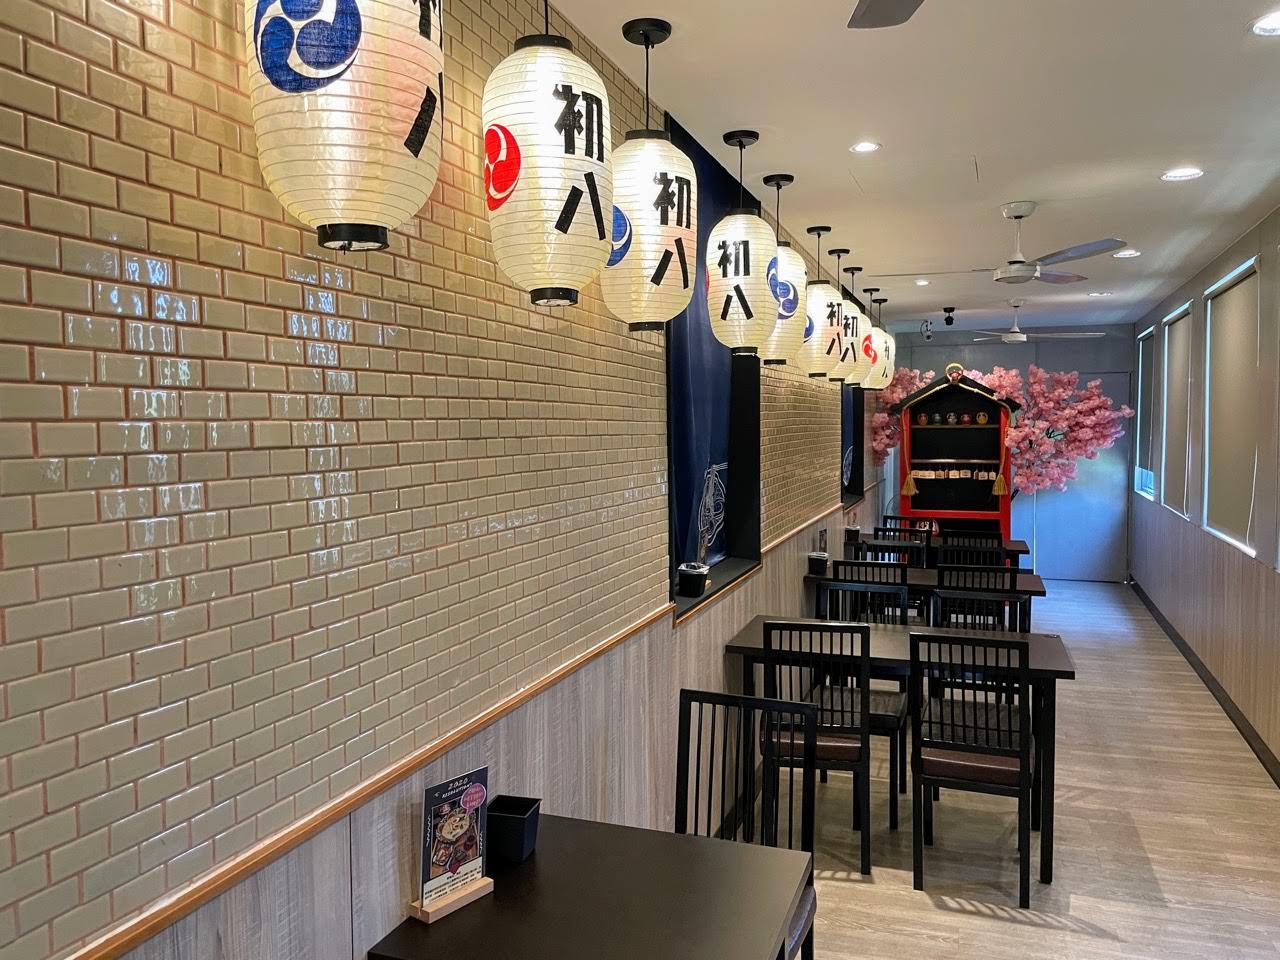 初八拉麵新營店。日式鳥居加神龕的在地日式拉麵店